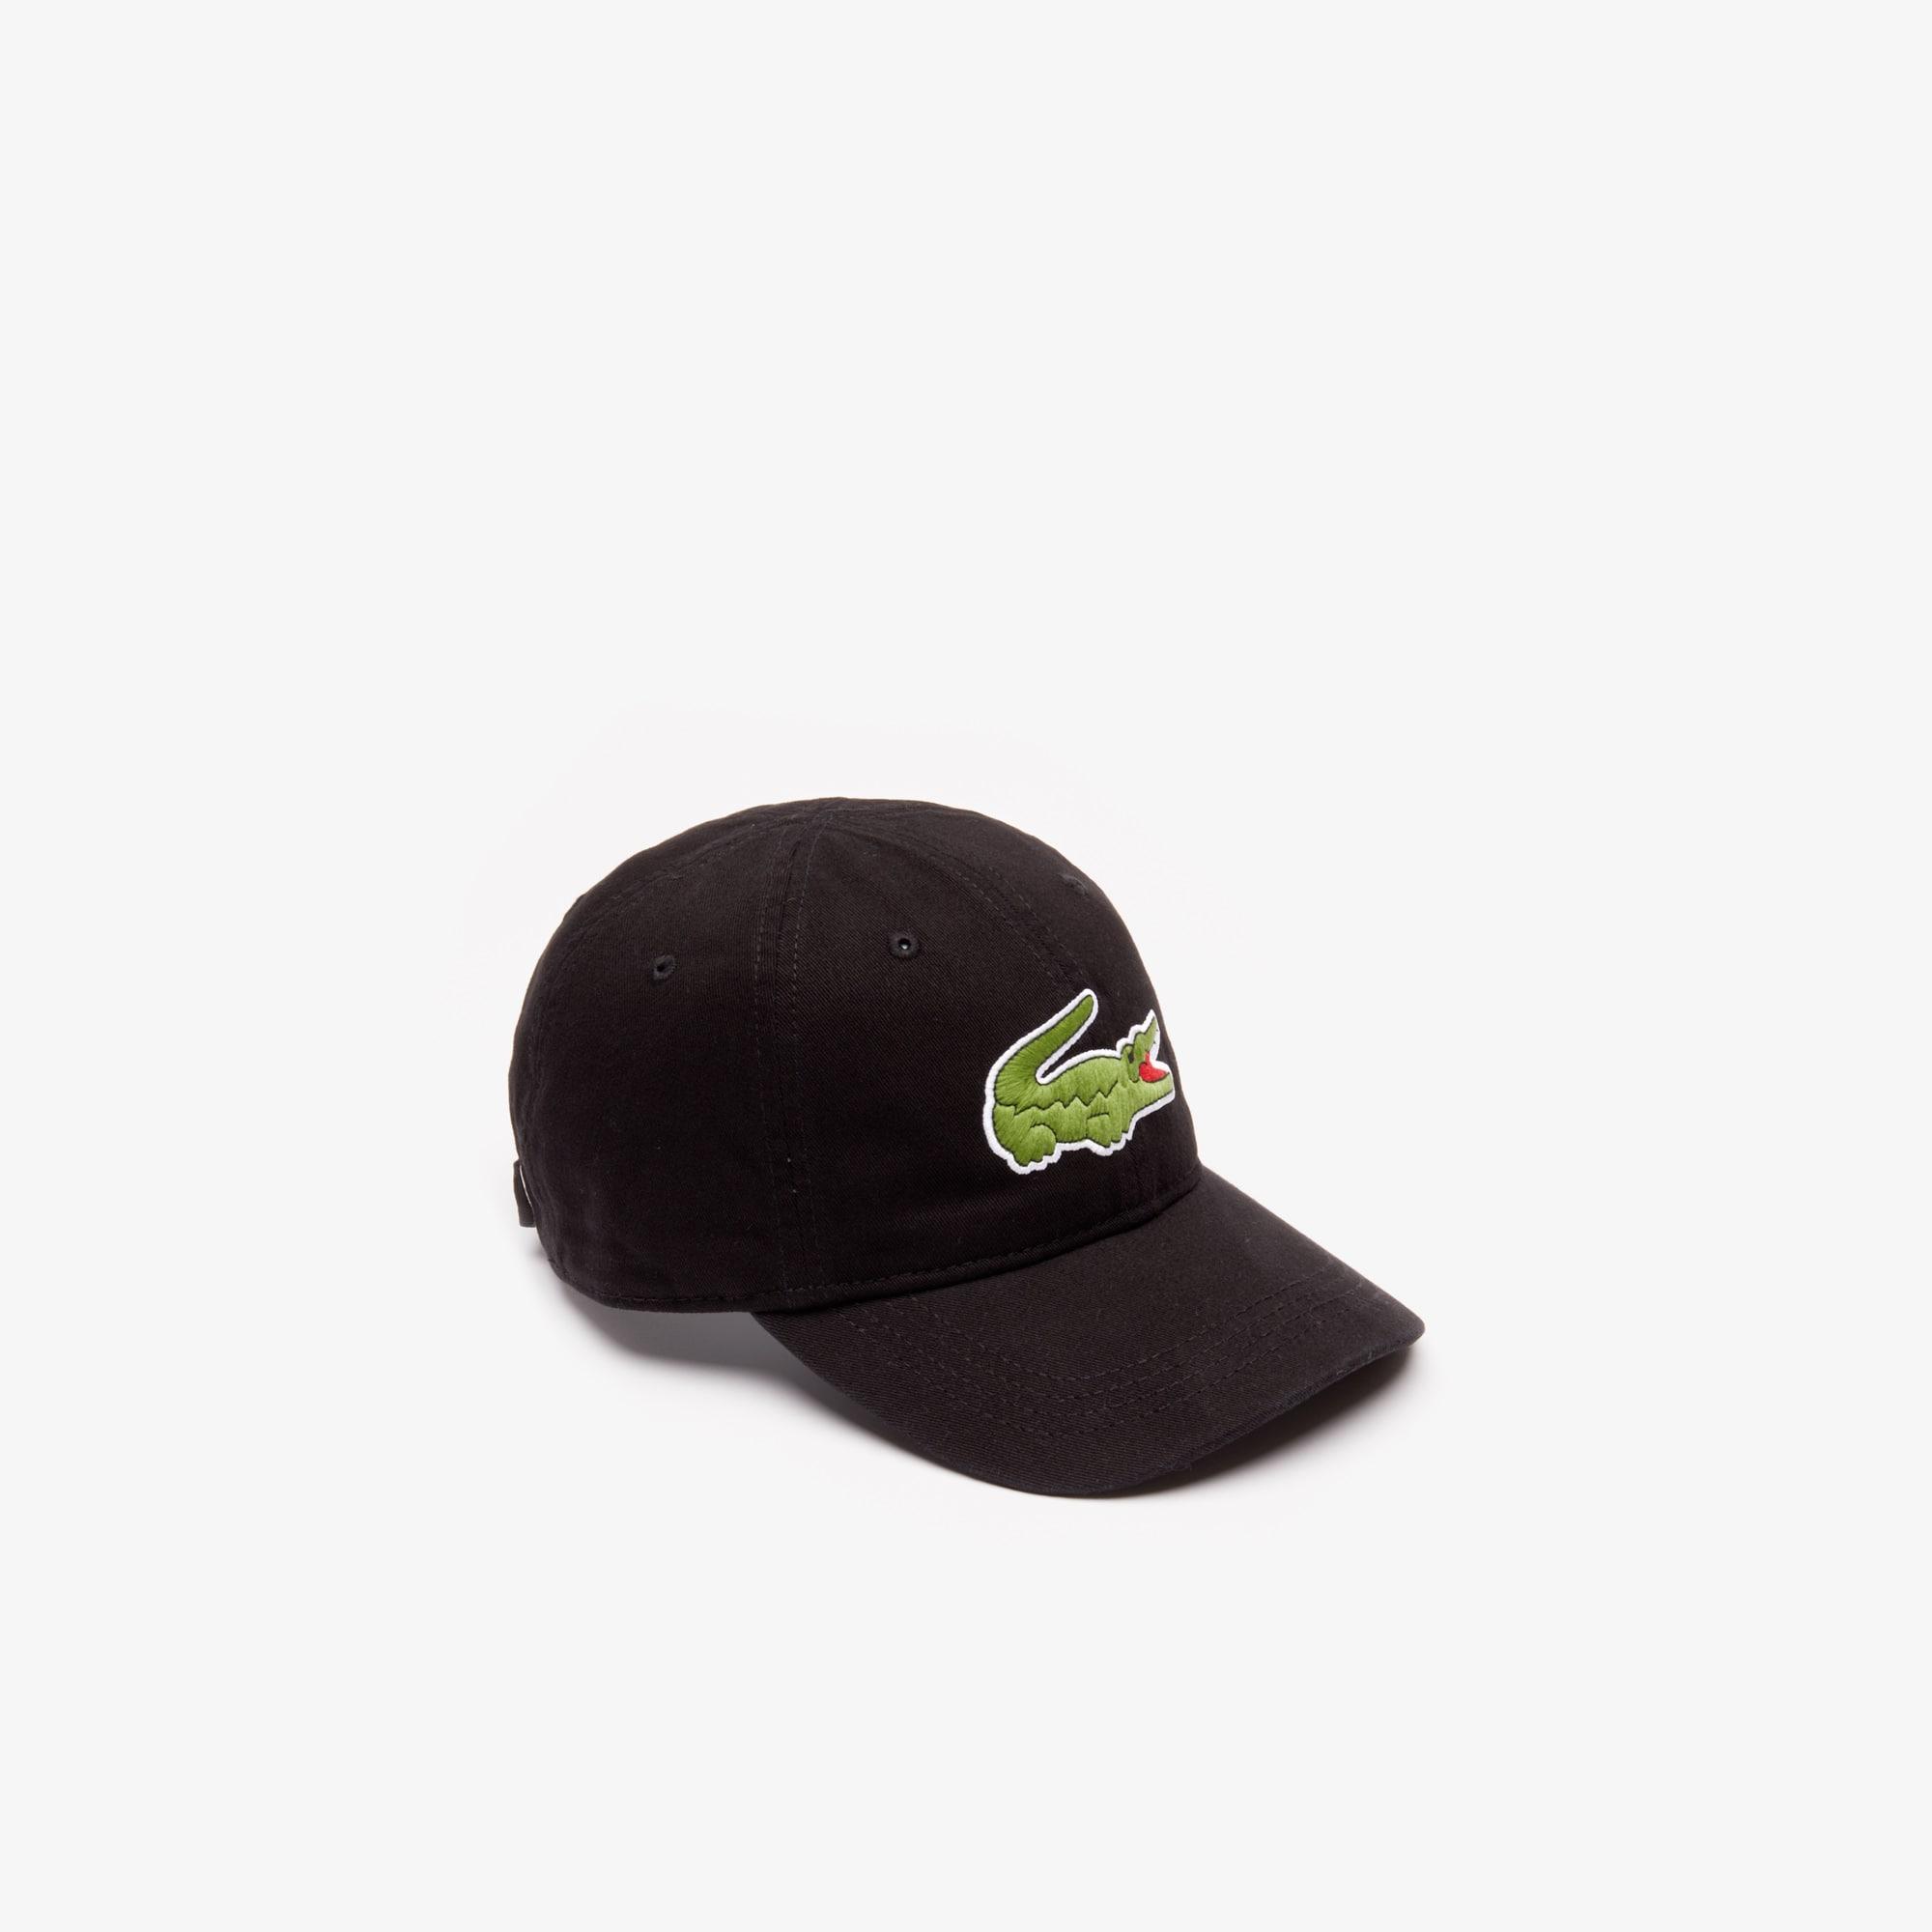 قبعة مصنوعة من الجبردين، مزدانة بعلامة التمساح كبيرة الحجم للرجال